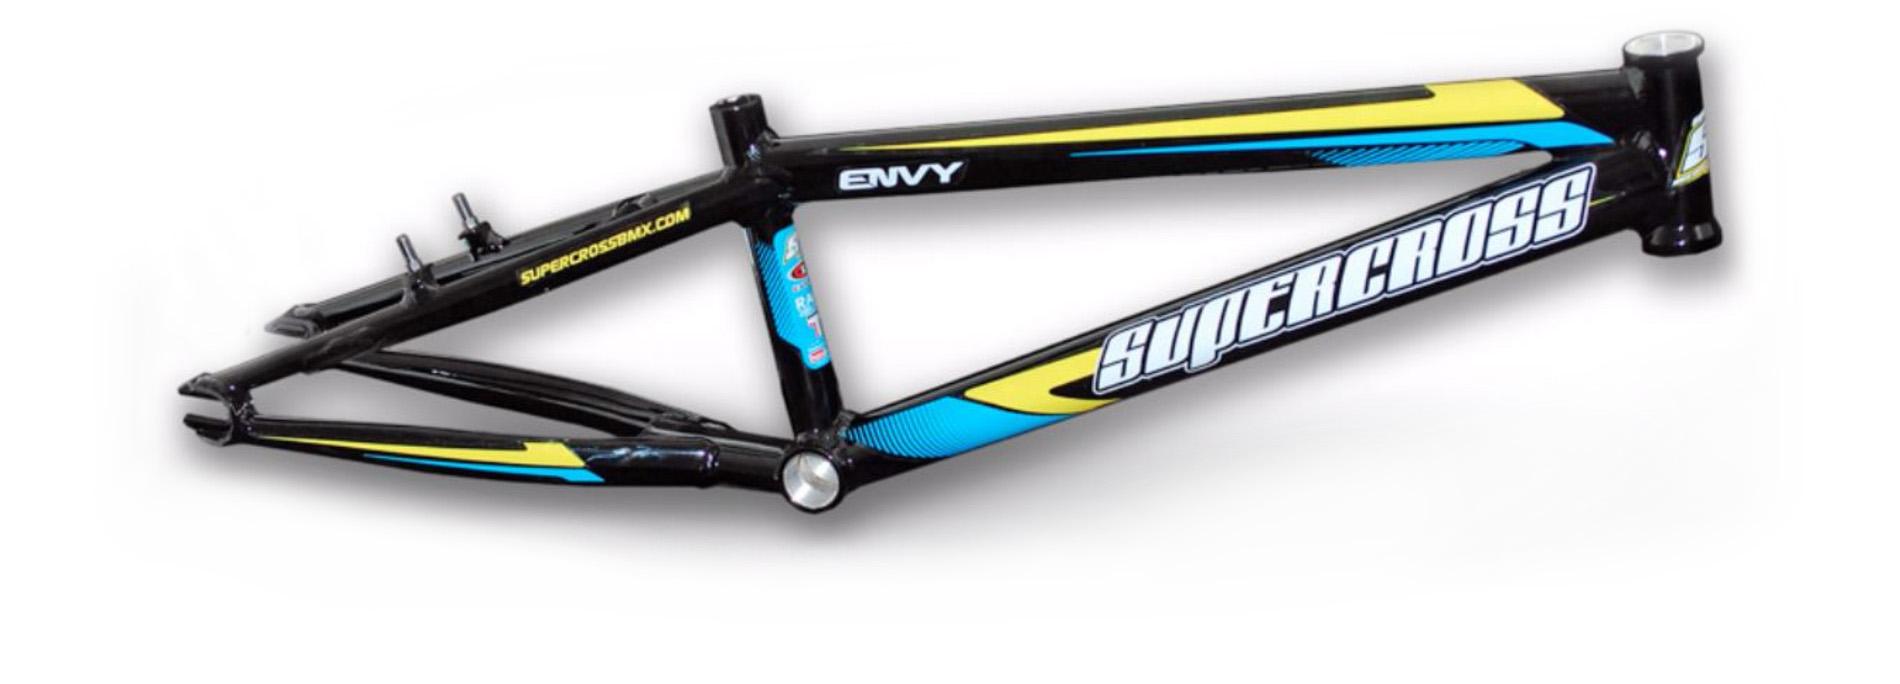 Supercross Envy V3 Black